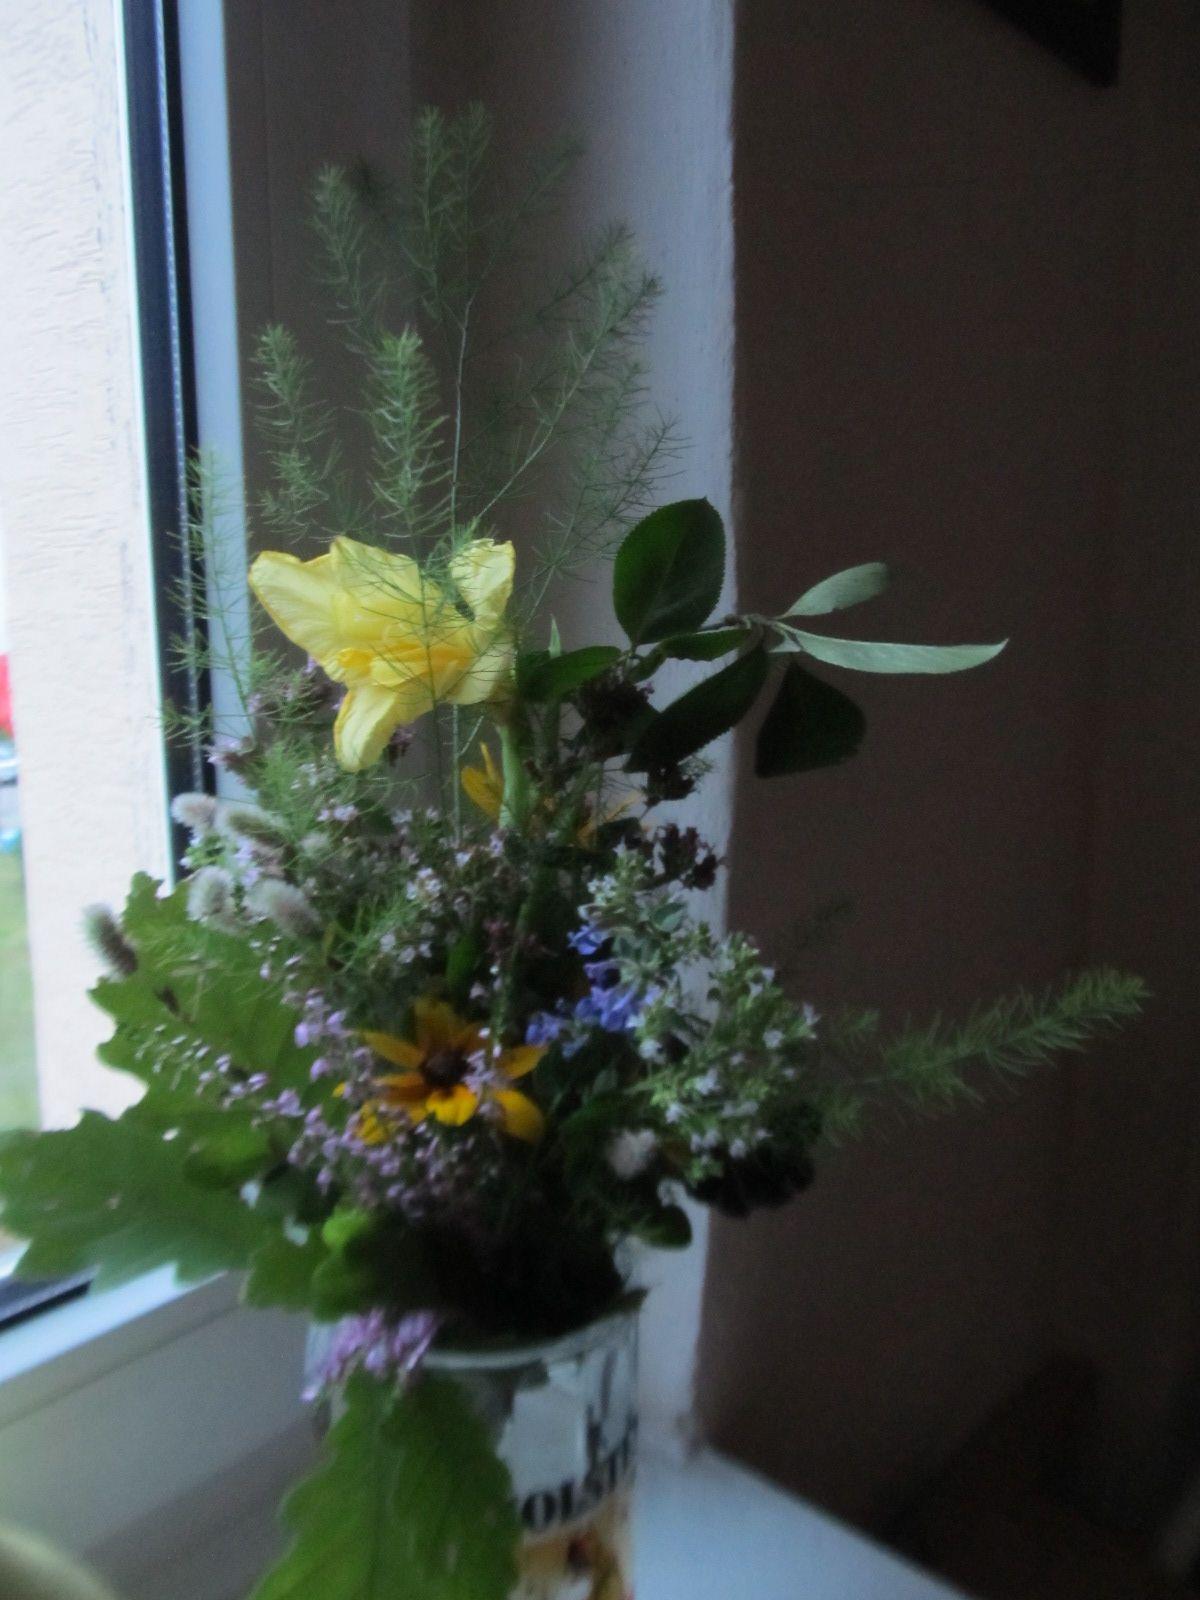 Bukiet Z Kwiatow Z Dzialki Na Swieto 15 Sierpnia Plants